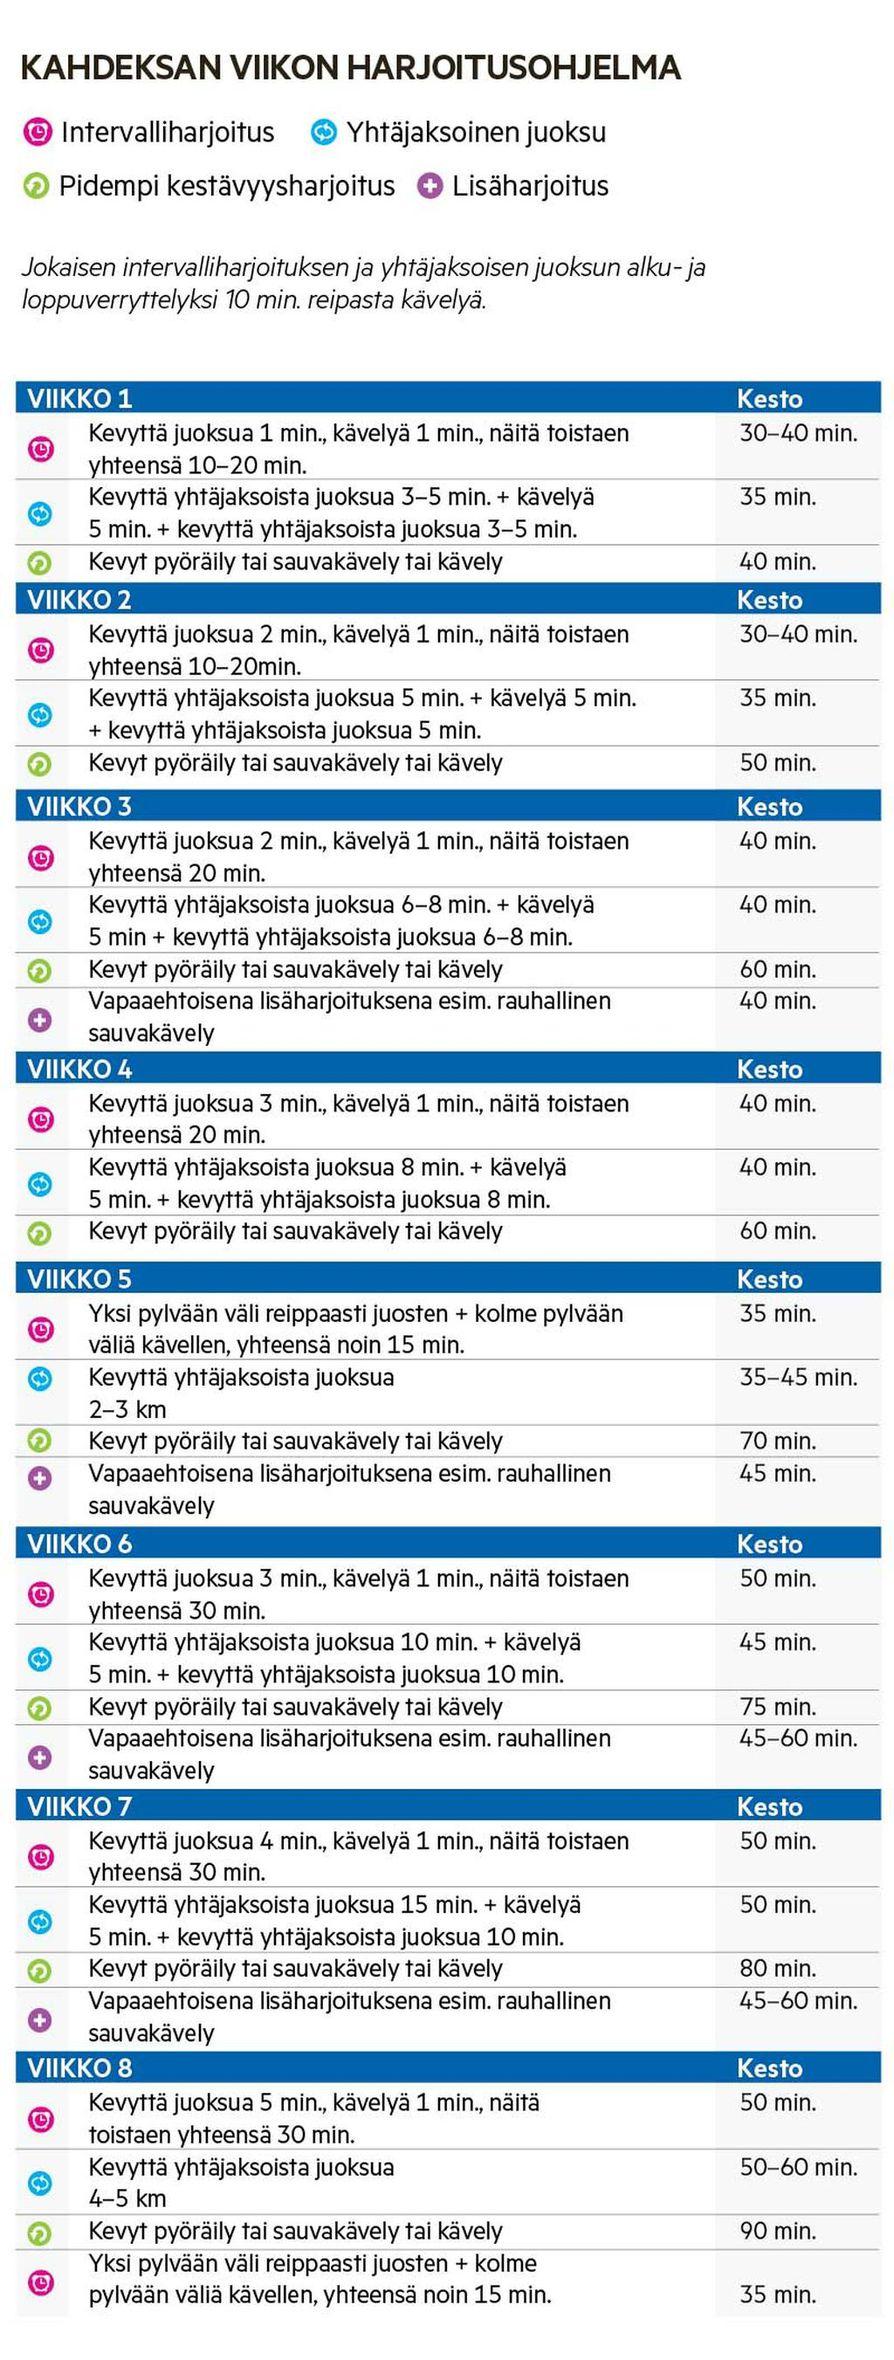 Tätä Lapin urheiluakatemian lajivastaavan Susanna Parkkisenniemen laatimaa juoksuohjelmaa Marja-Leena Jormanainen noudatti kesän ajan, kunnes flunssakierre 7. viikolla katkaisi hyvin sujuneen ohjelman. Nyt syksyllä Jormanainen on palannut ohjelman pariin.